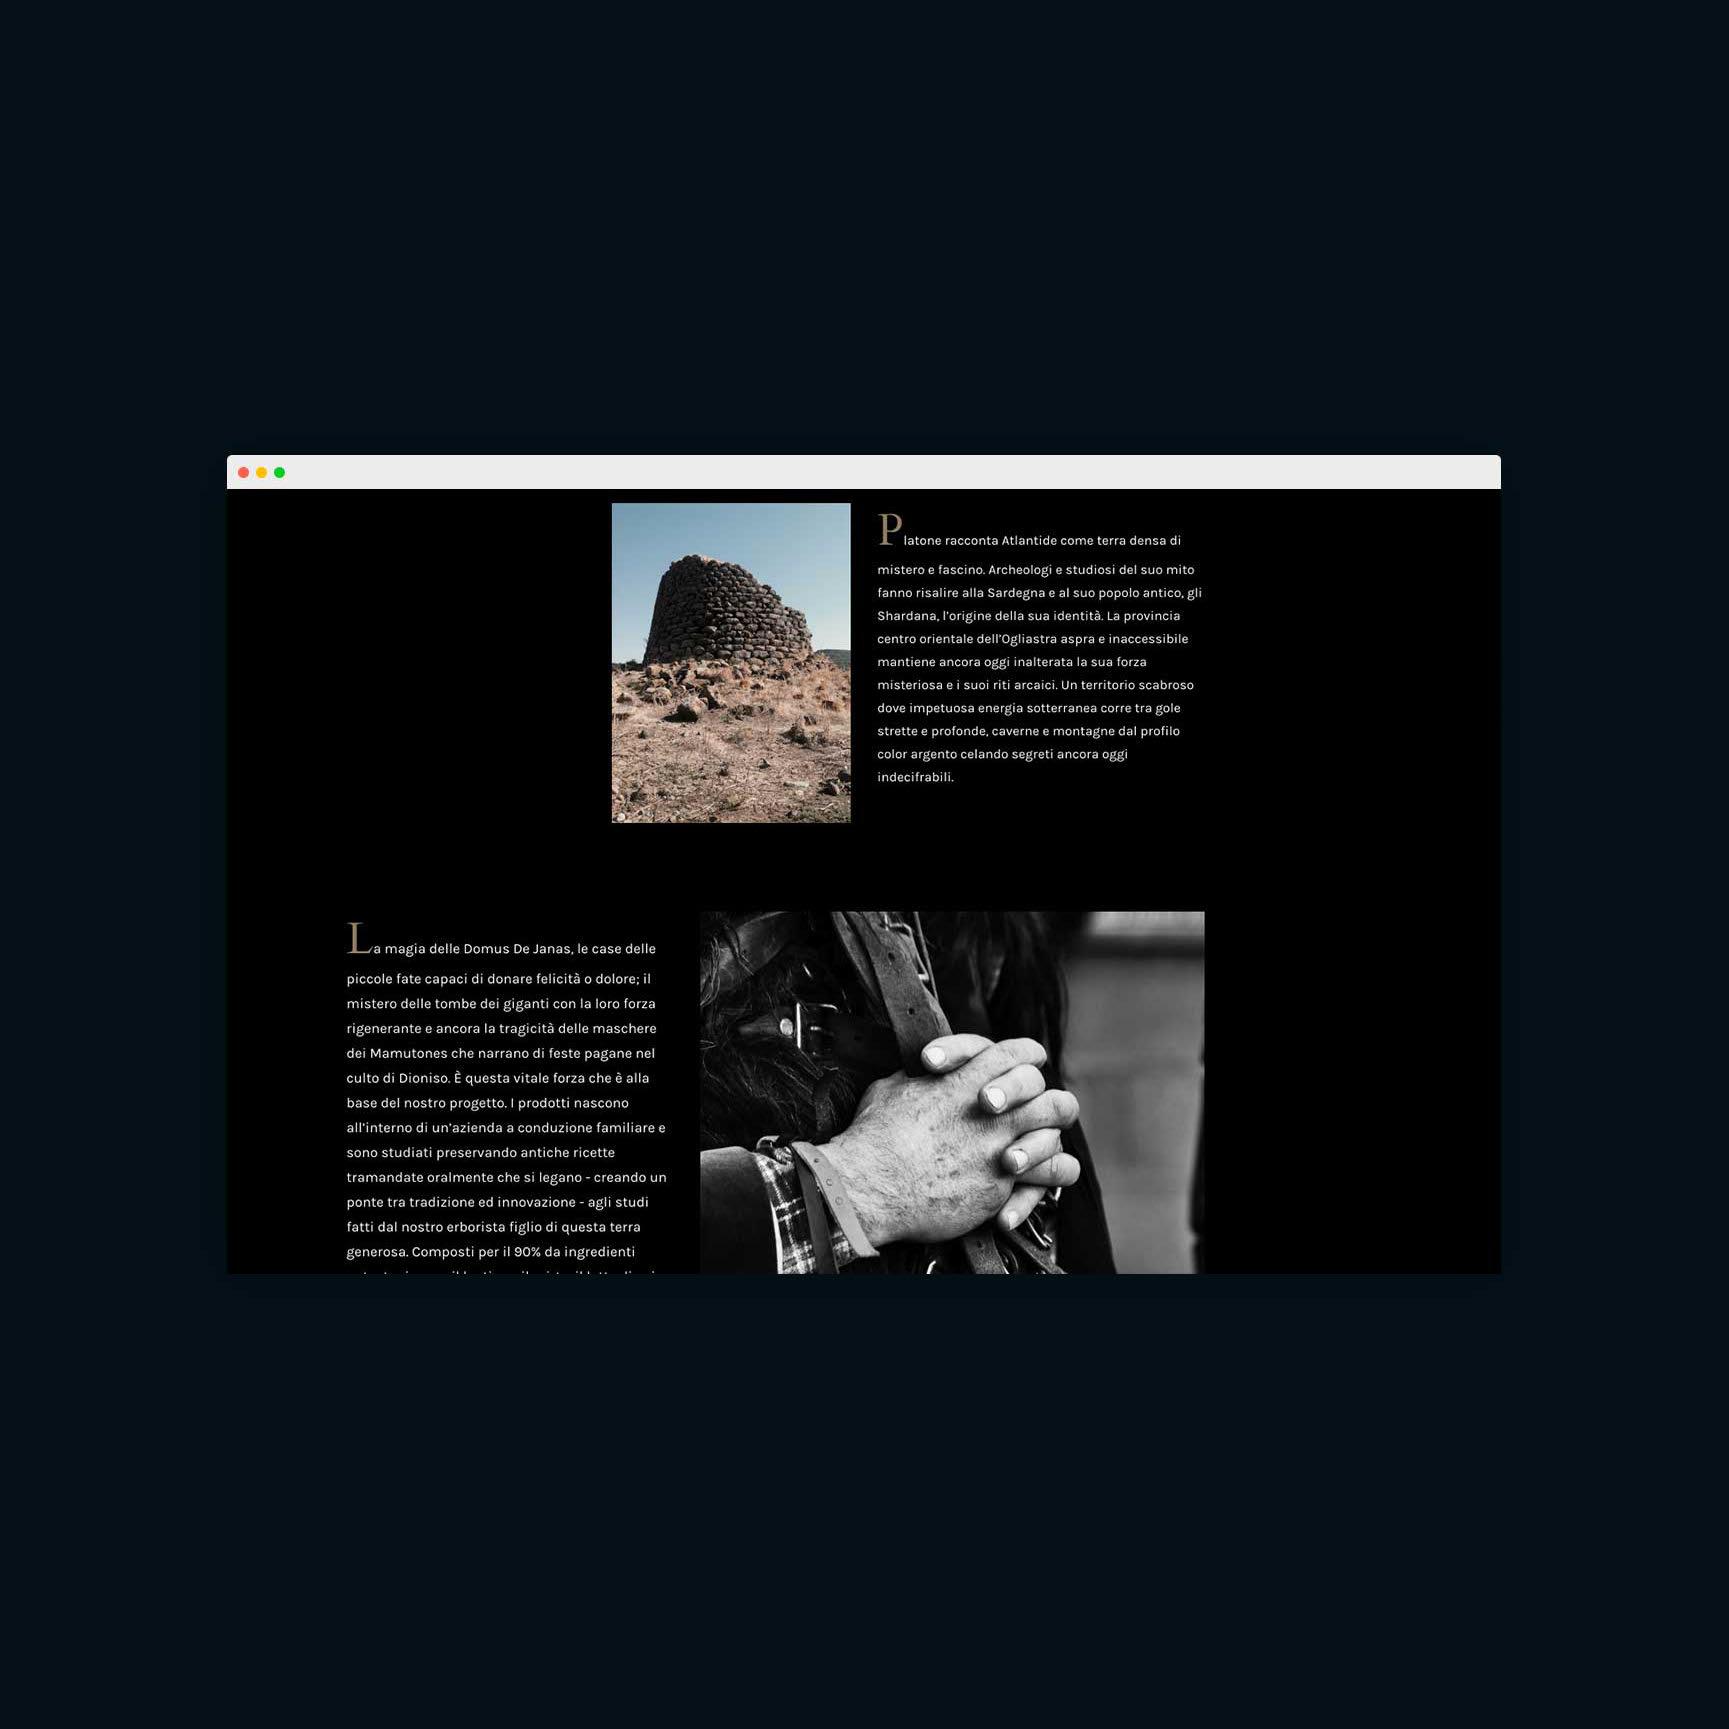 gian_pancrazio_pala_apothecary_milano_website_Graphi_design_milano_2